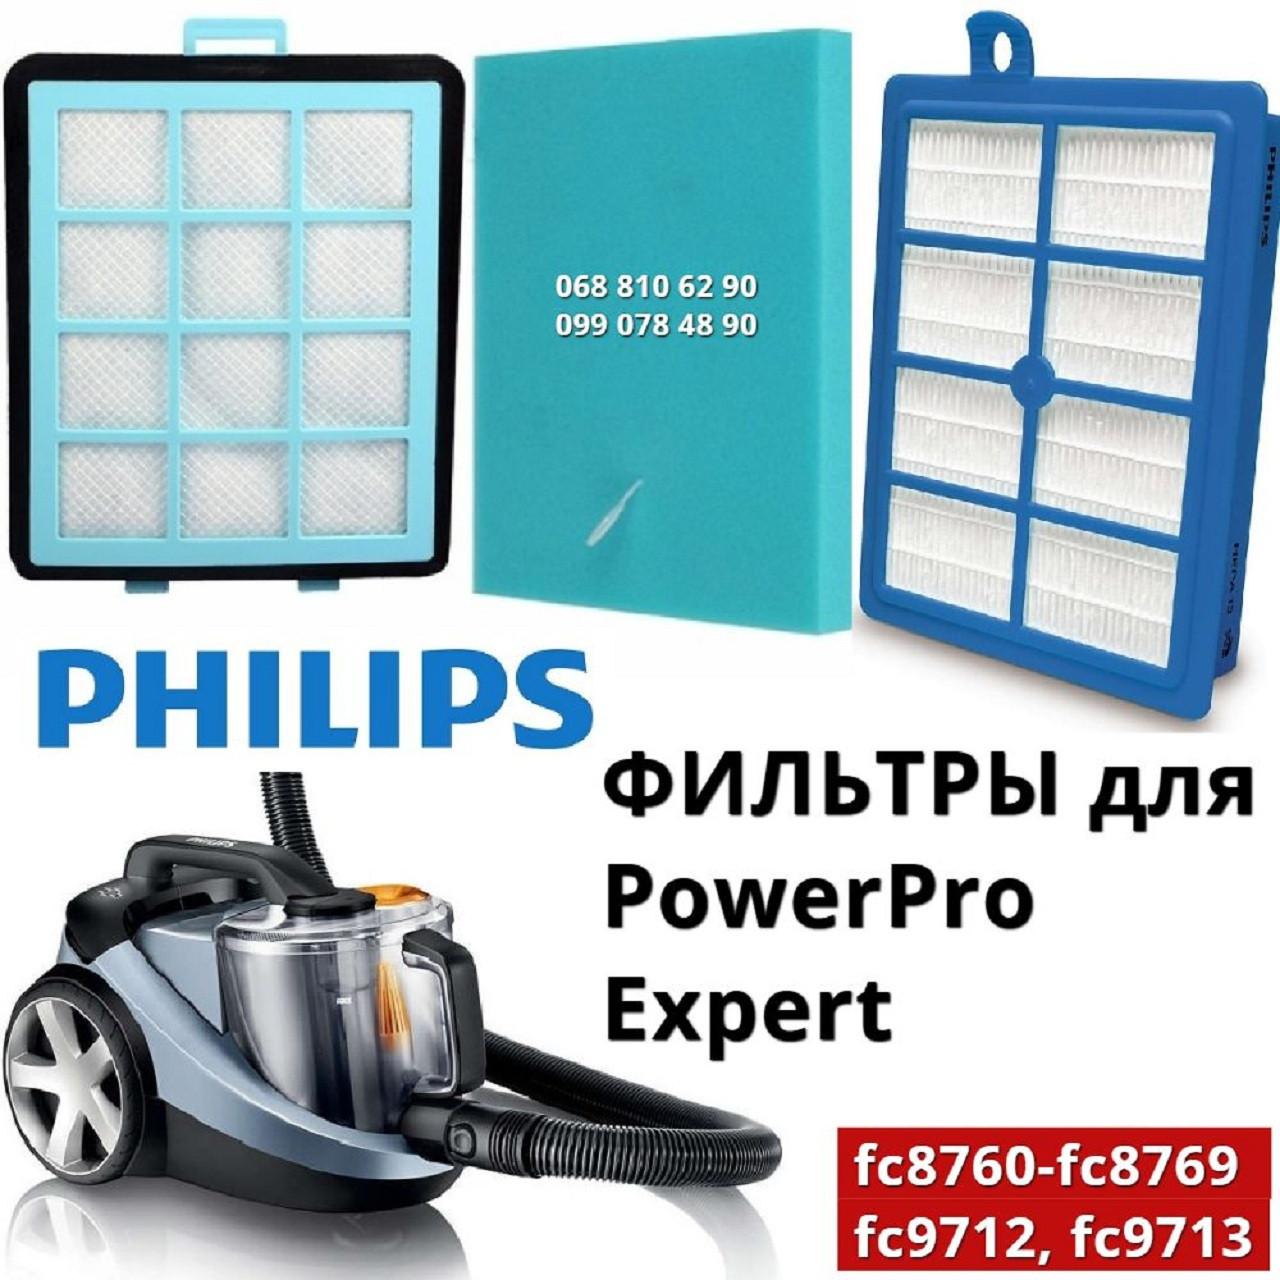 Фильтры HEPA Philips PowerPro Expert fc8760, fc 8761/01, 8764, 8766, 8767, fc8769, 9713 на безмешковый пылесос